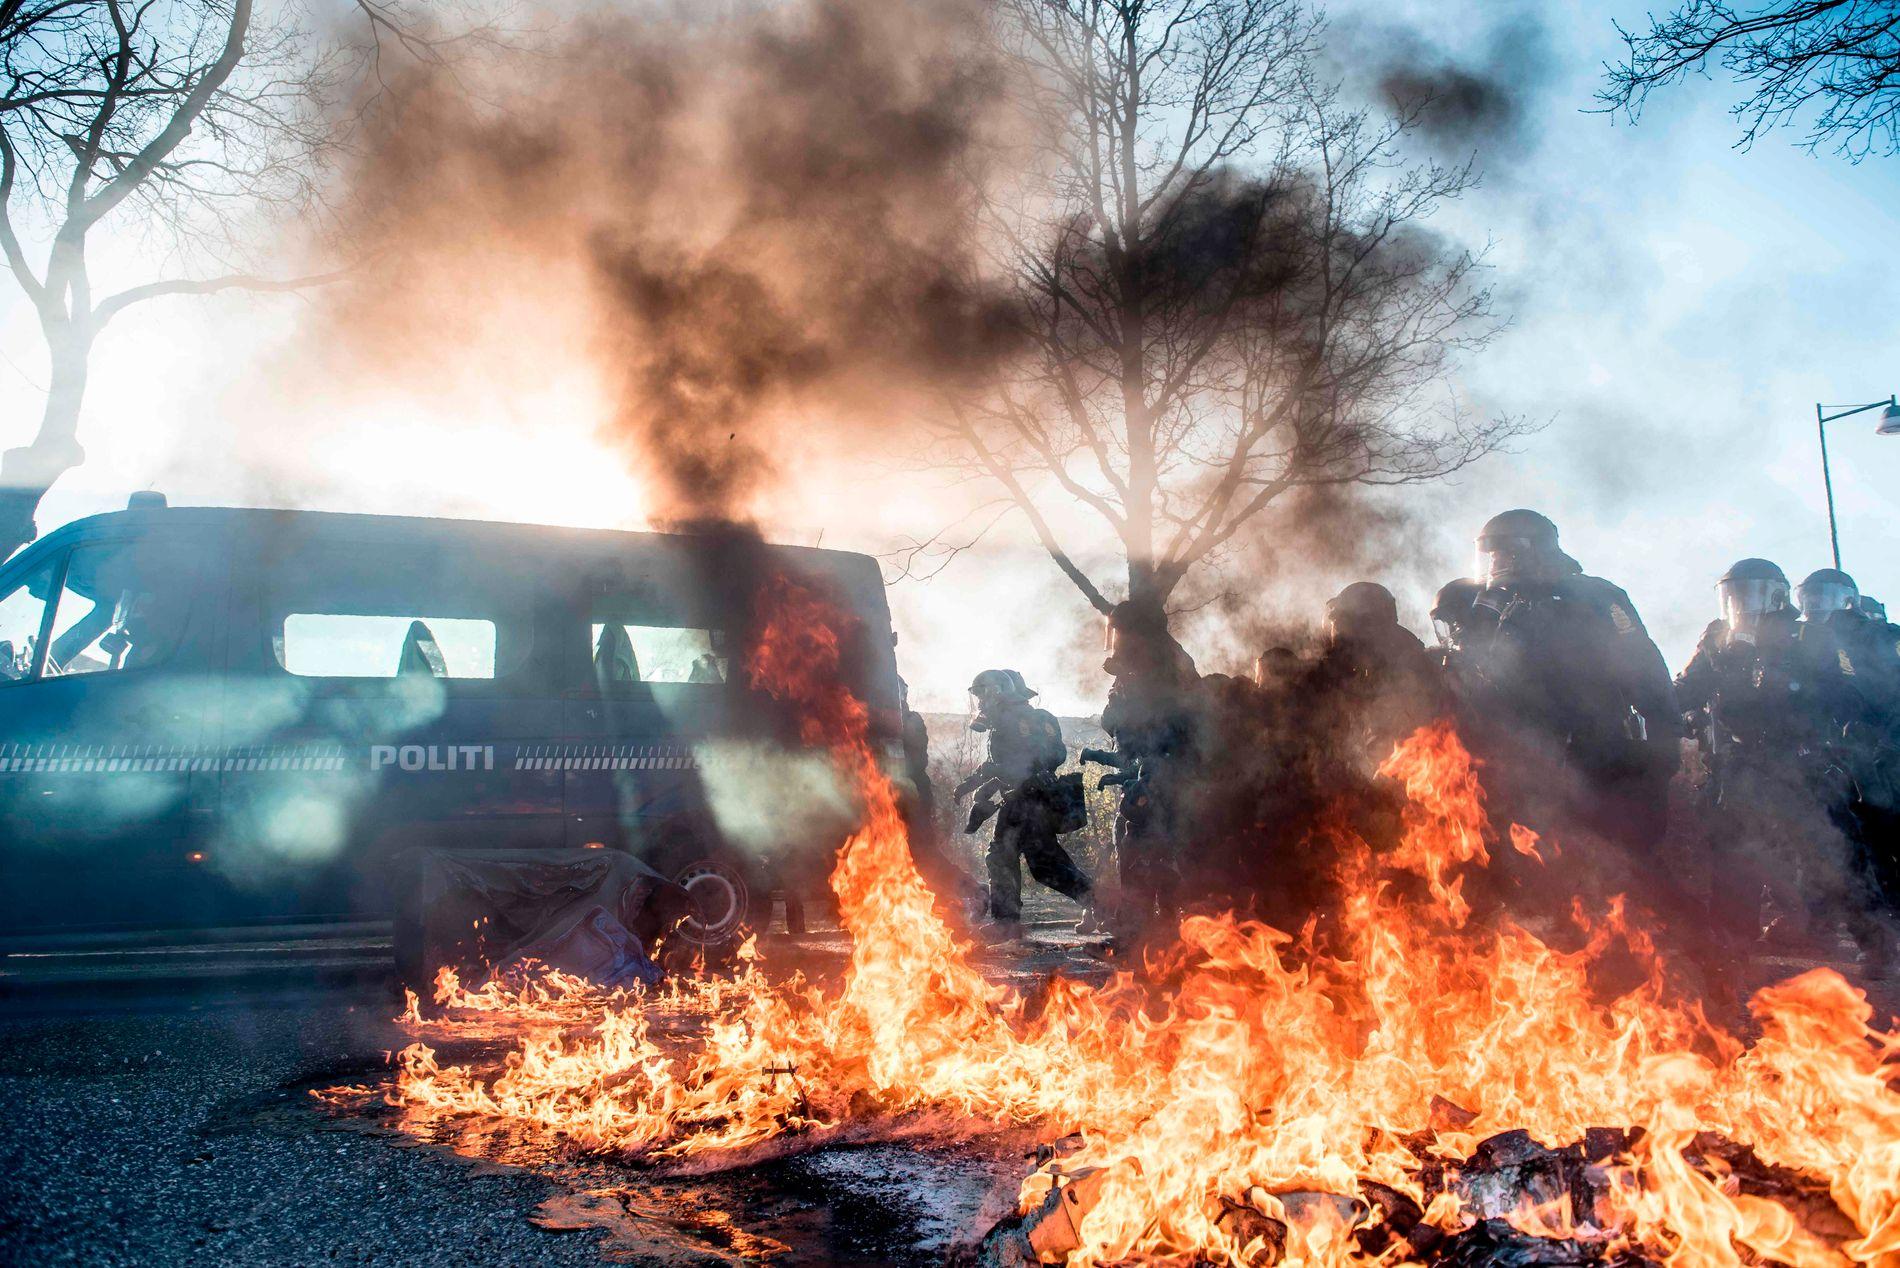 DEMONSTRASJONER: I april ble Rasmus Paludan angrepet under en demonstrasjon. Selv ble han fraktet i sikkerhet, men opptøyer spredde seg til flere steder i København.